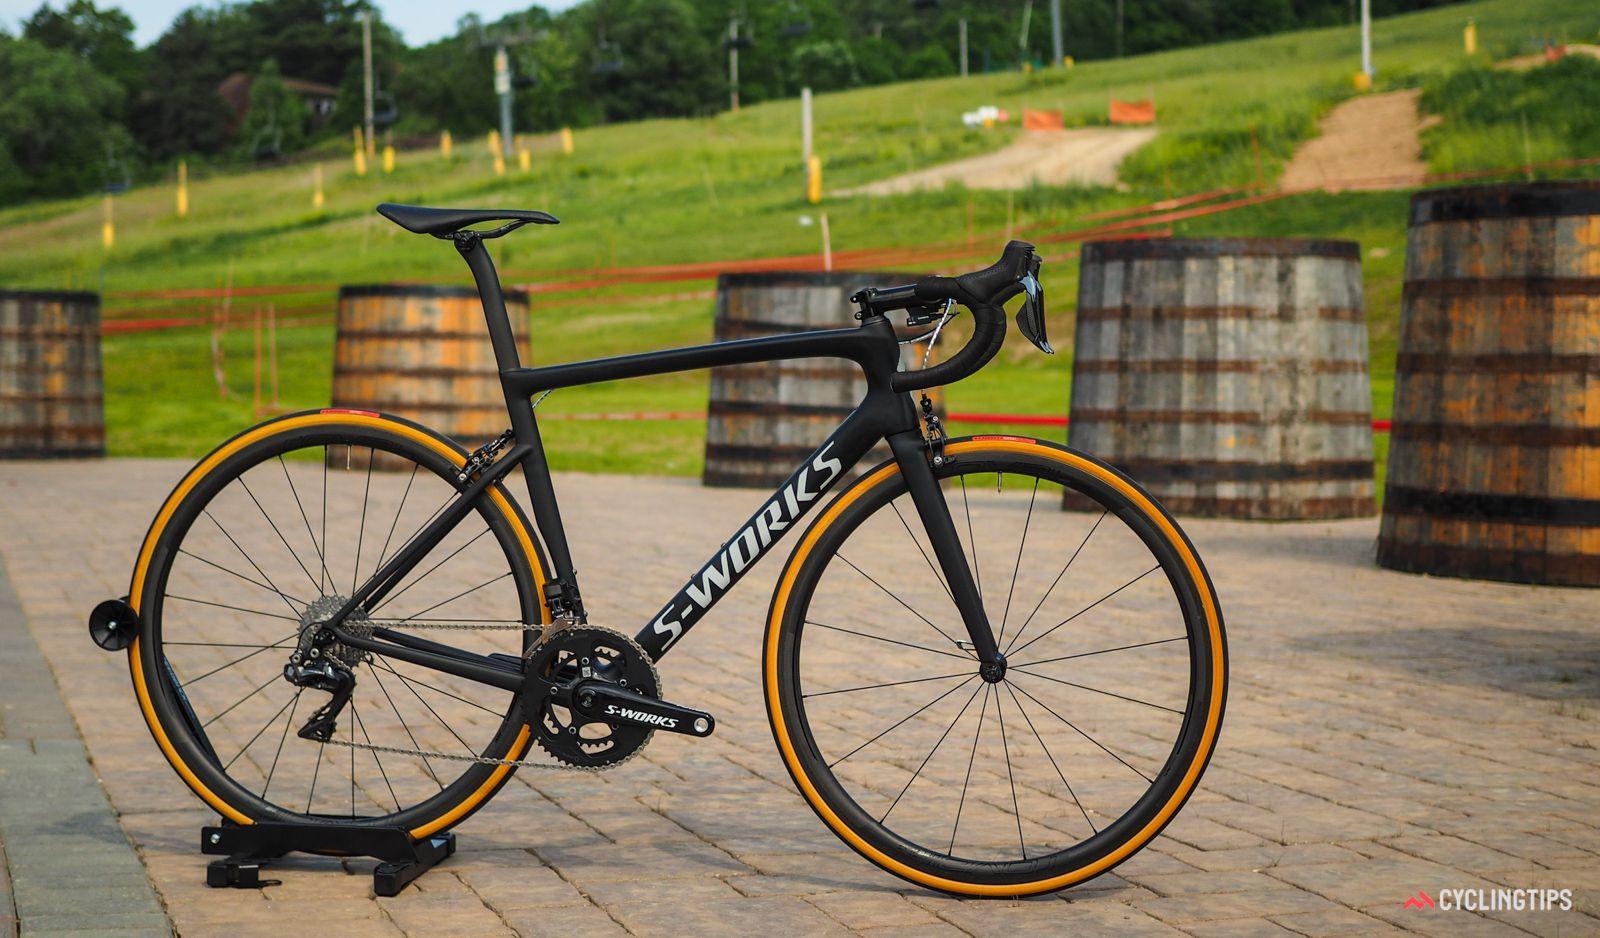 2018 Specialized SWorks Tarmac SL6 First Look Bikes